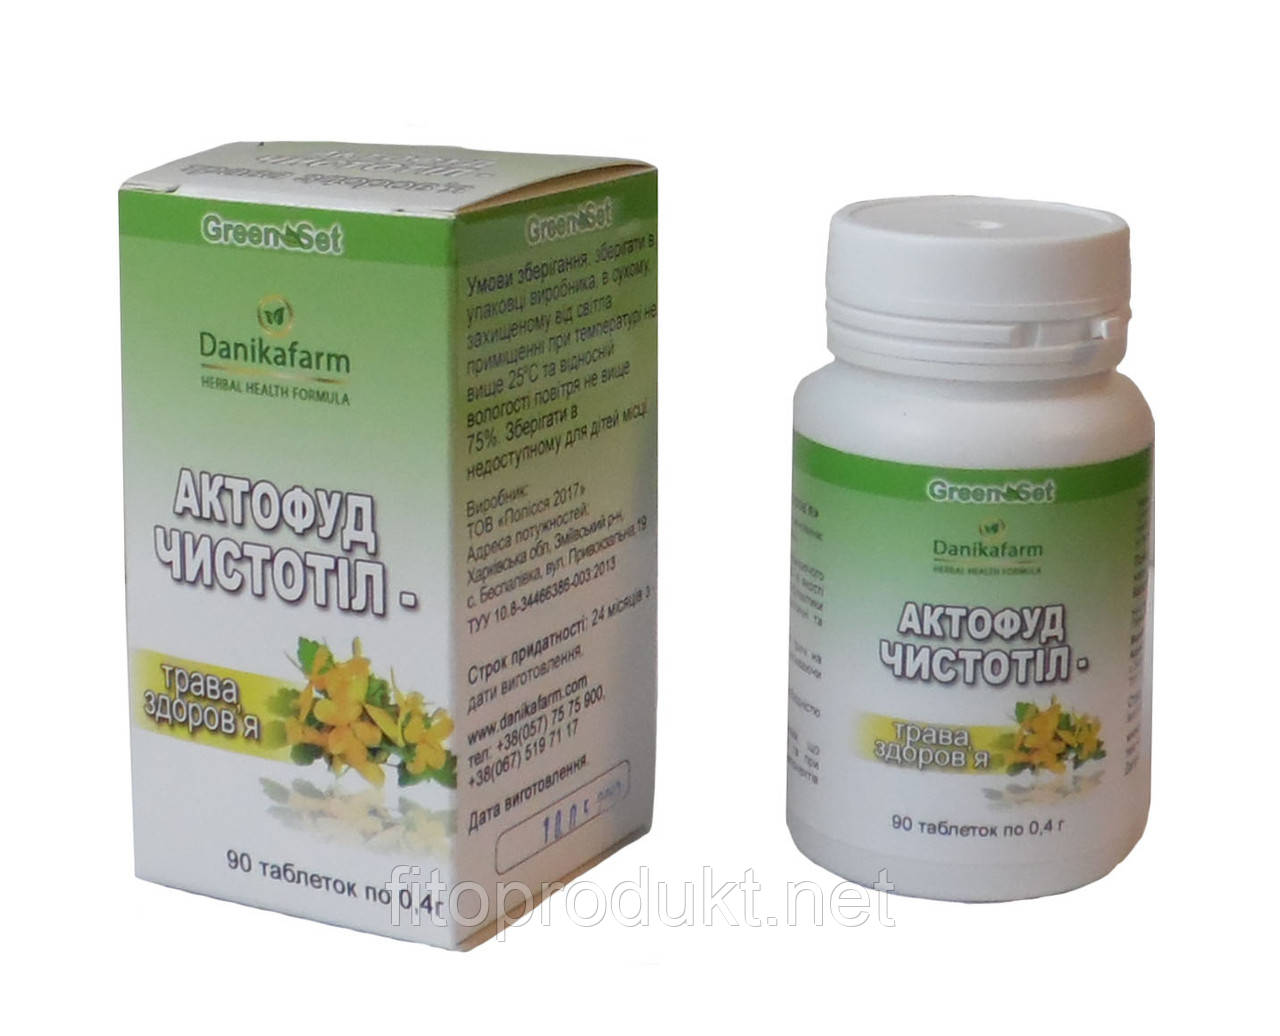 БАД Актофуд  «Чистотел — трава здоровья» 90 таблеток Даникафарм